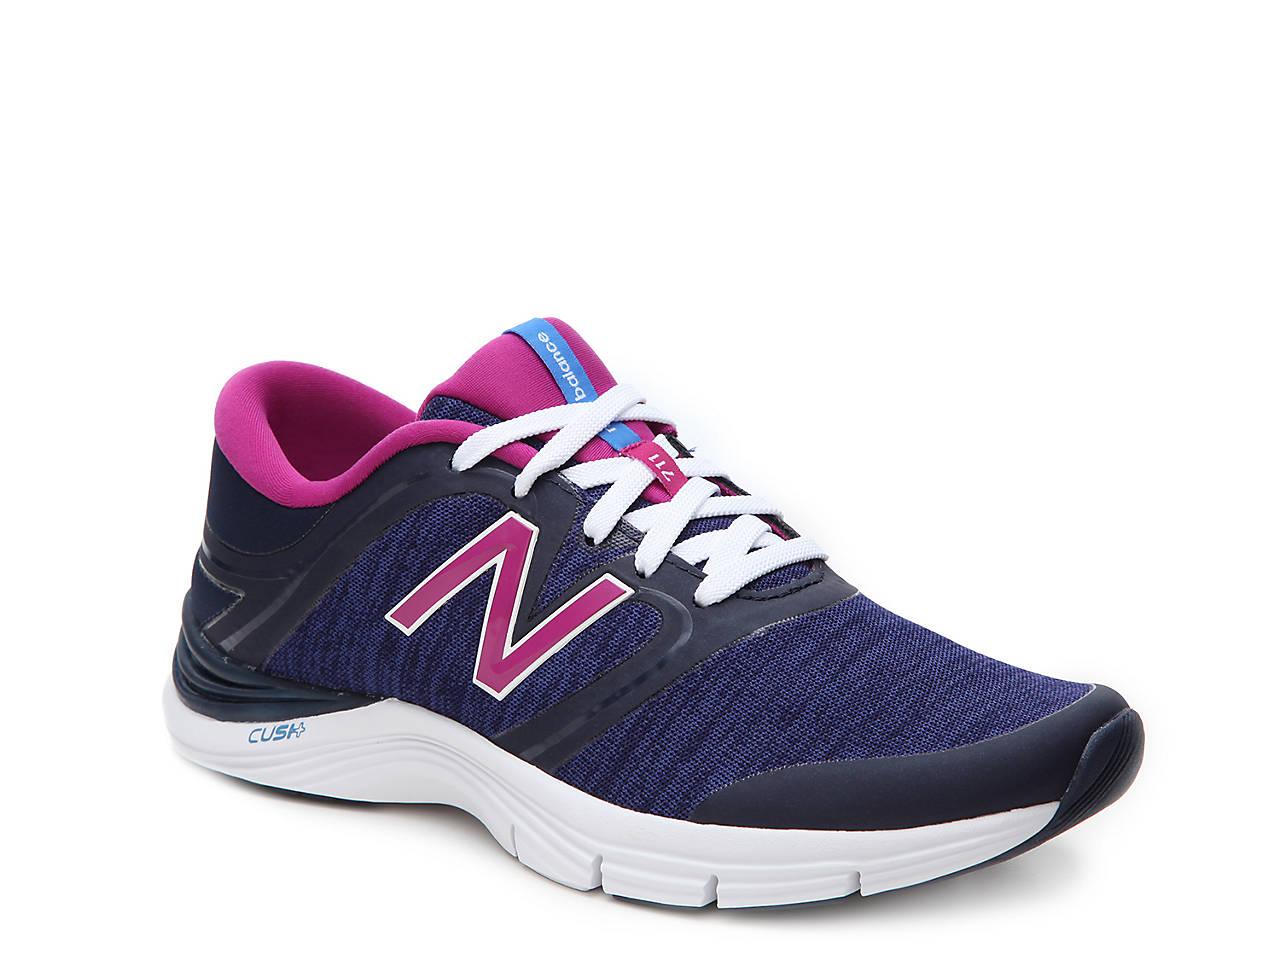 Femme New Balance 711 Lightweight Training Chaussures